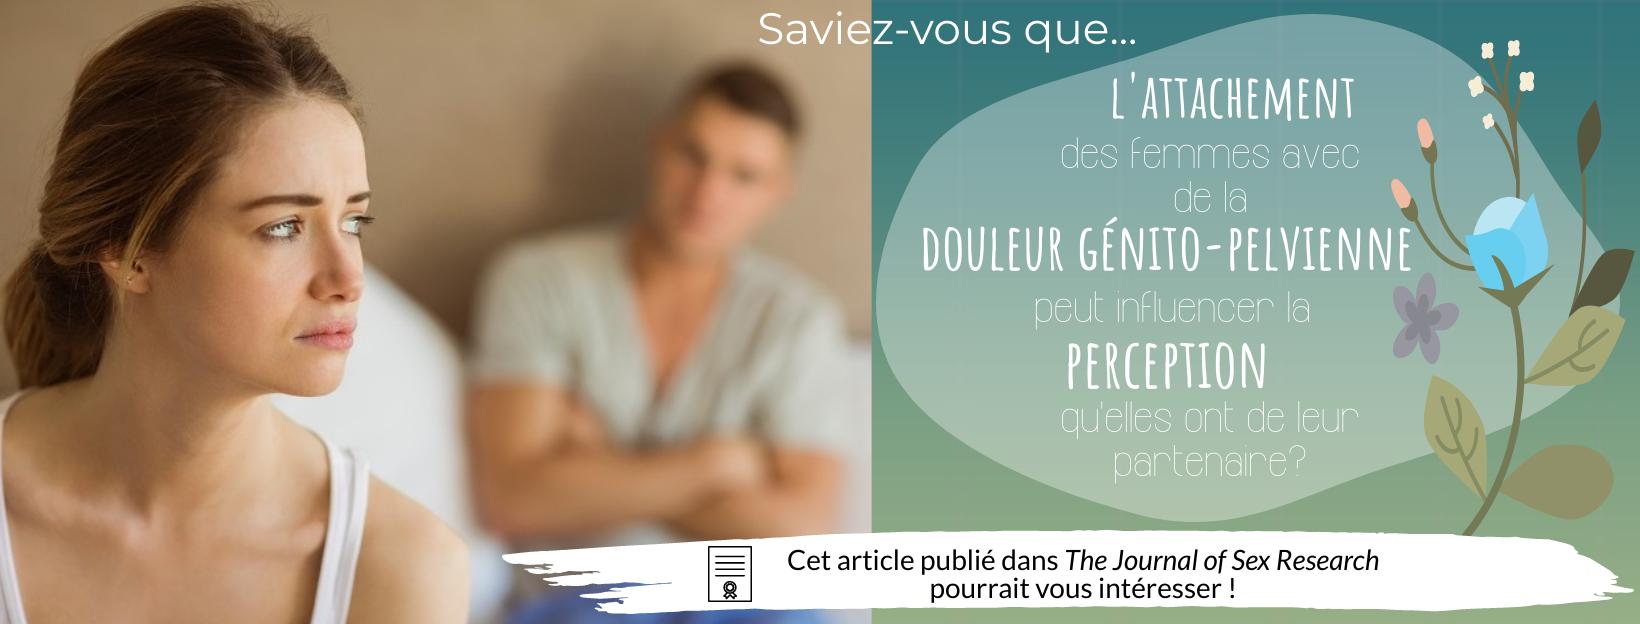 Bannière_Véro_FR_2020